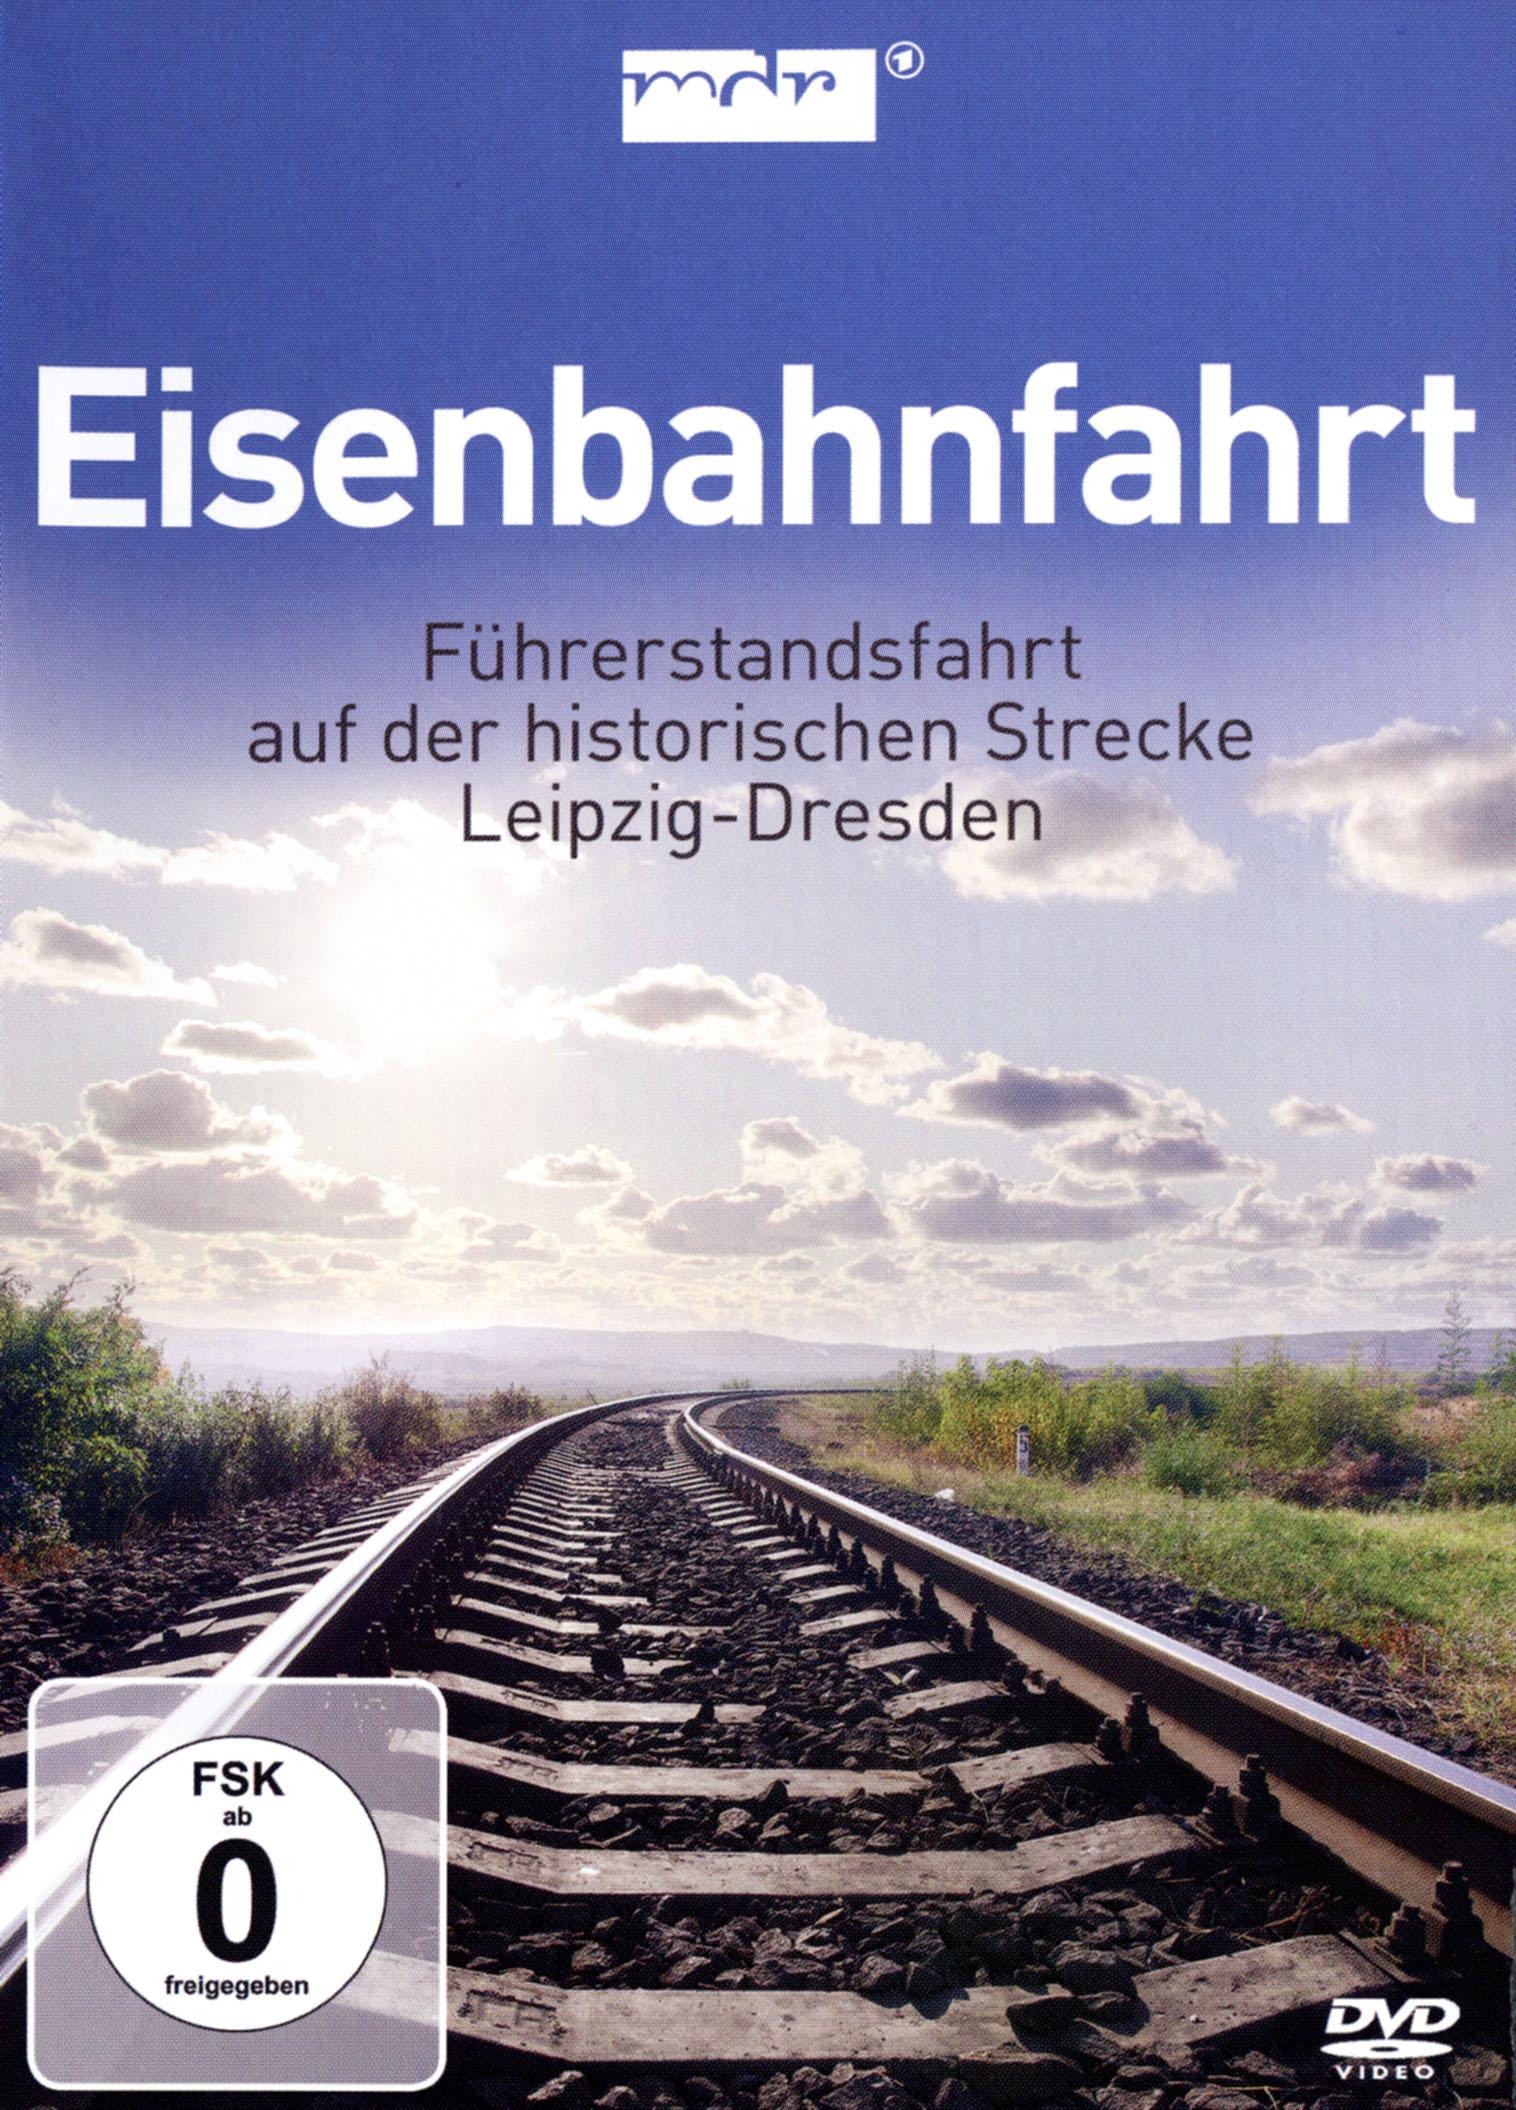 Eisenbahnfahrt - Fuhrerstandsfahrt auf der Historischen Strecke Leipzig-Dresden